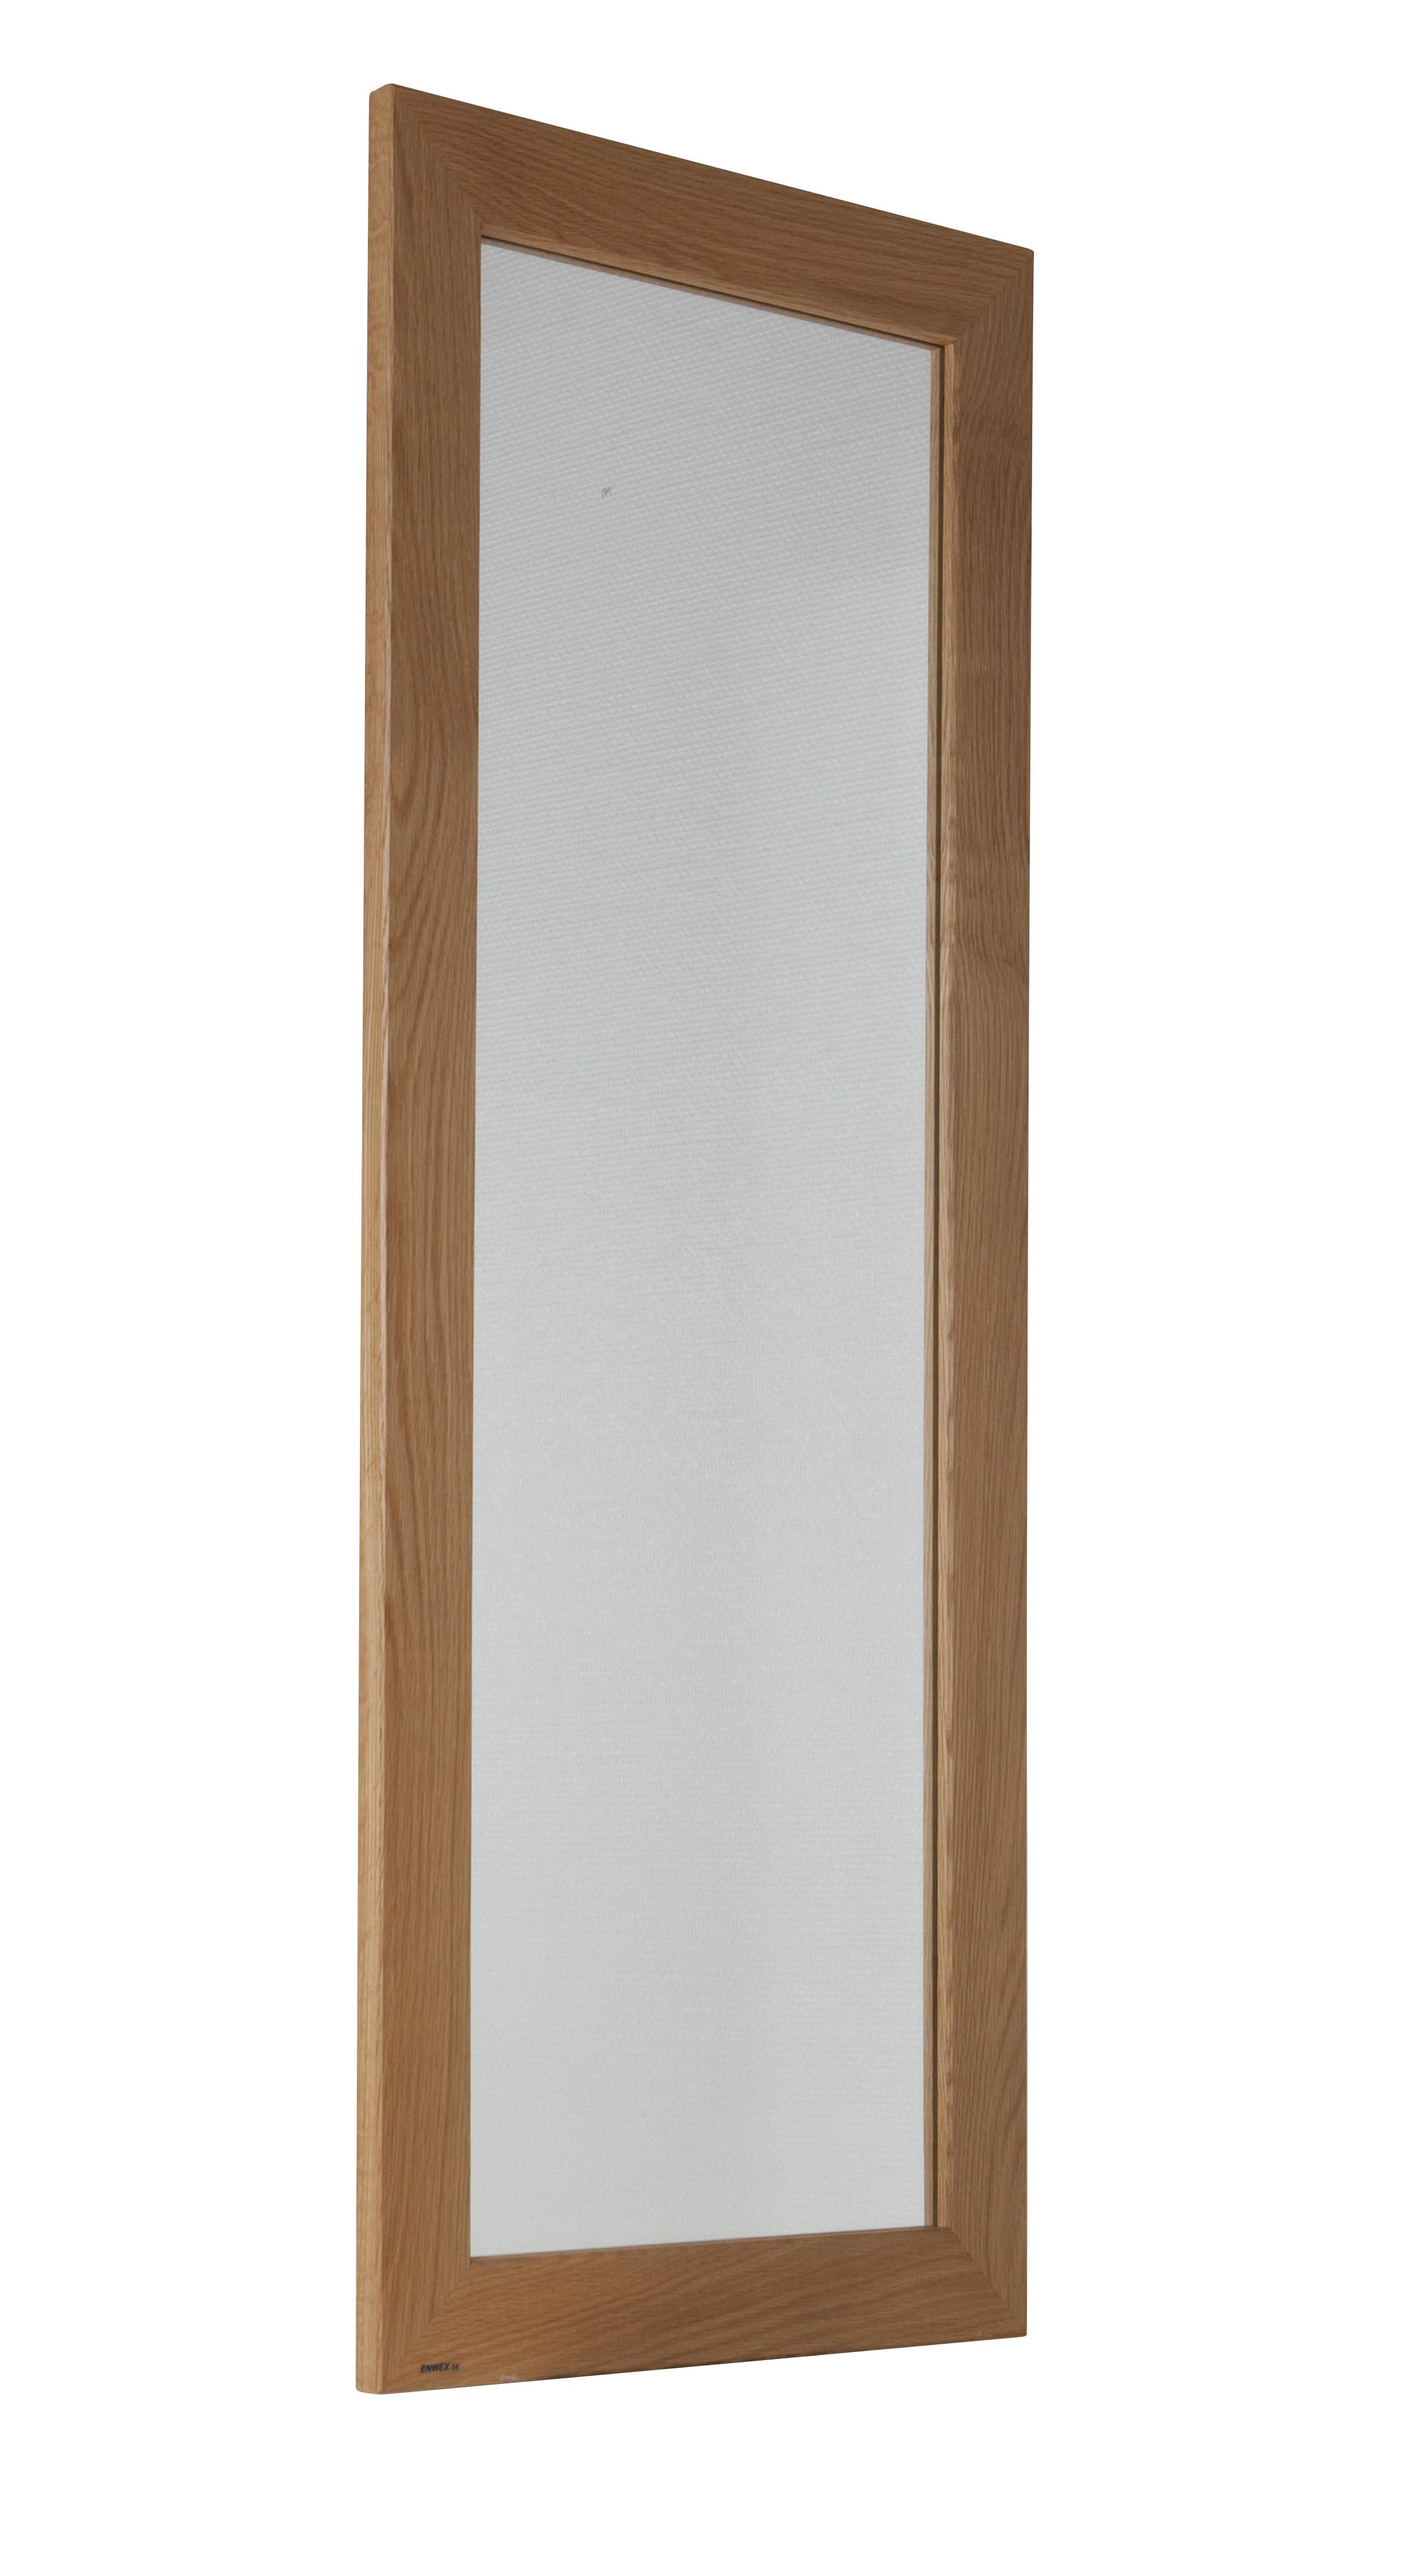 Spegel_ek